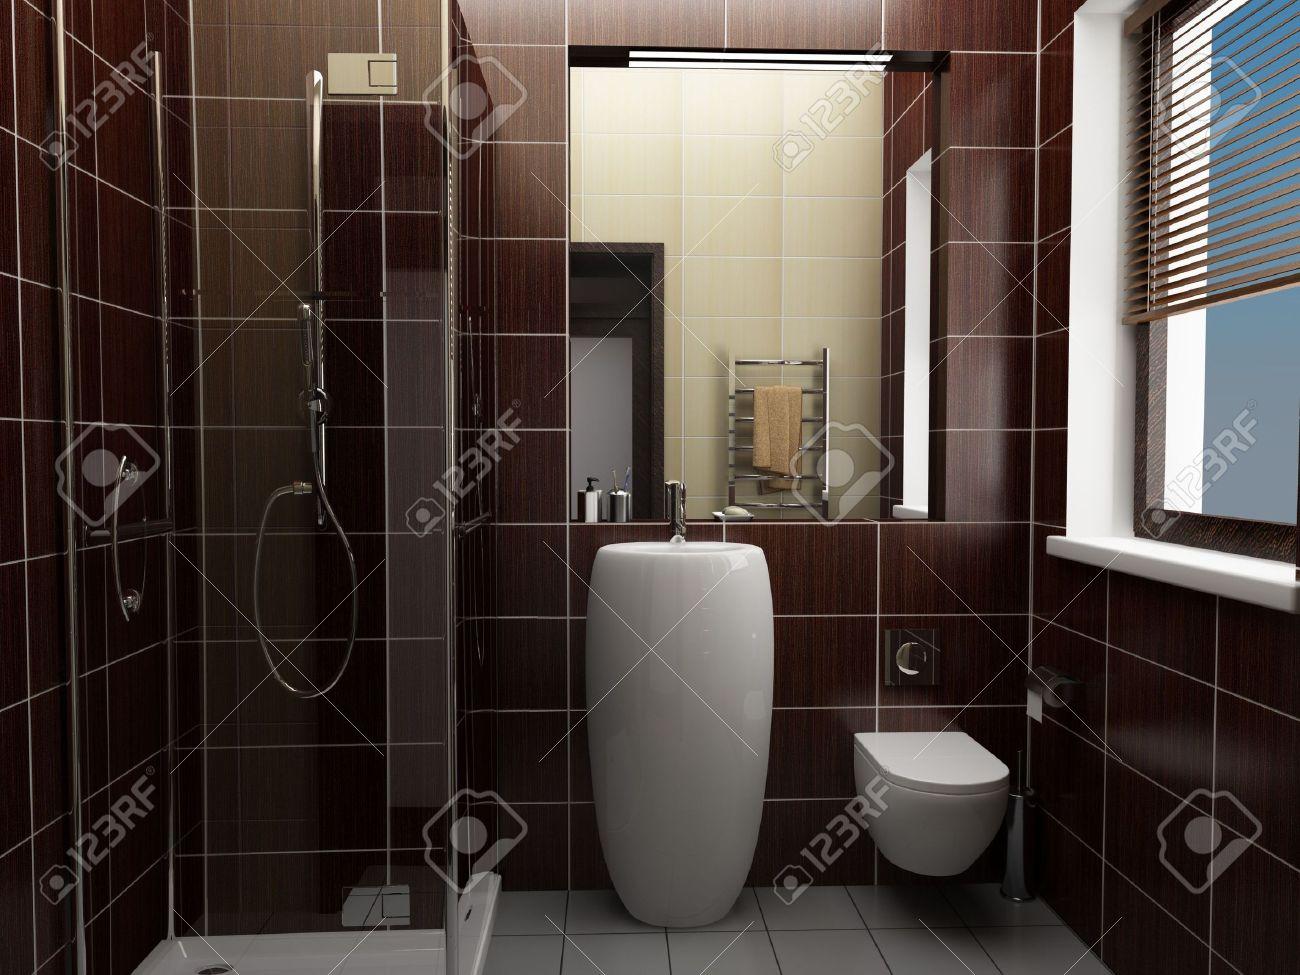 Salle De Bain Marron Et Beige se rapportant à carrelage marron salle de bain. cool faience salle de bain